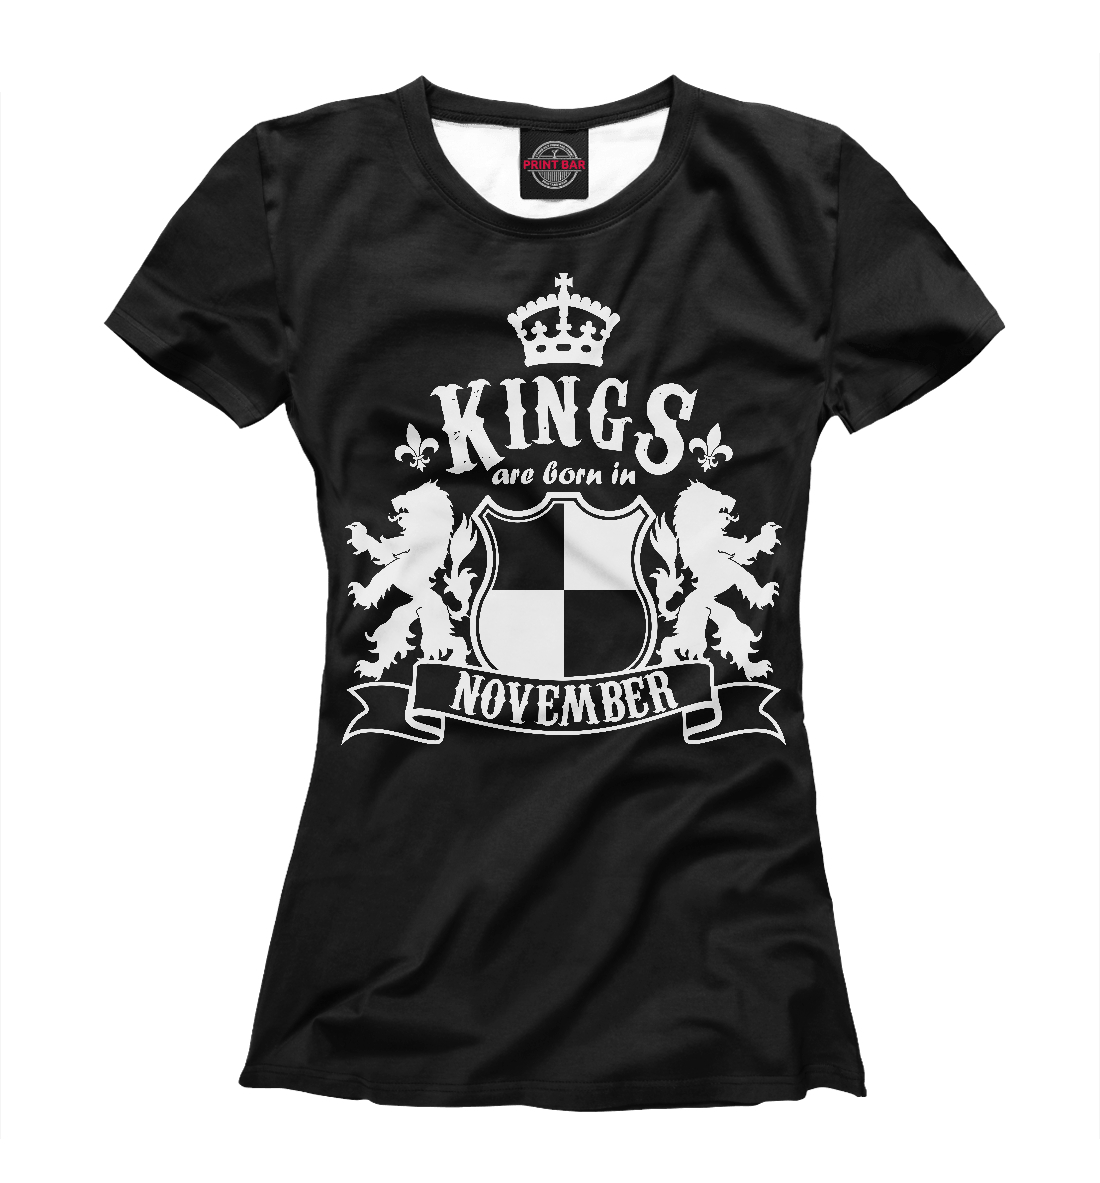 Купить Короли рождаются в ноябре, Printbar, Футболки, DRZ-976982-fut-1